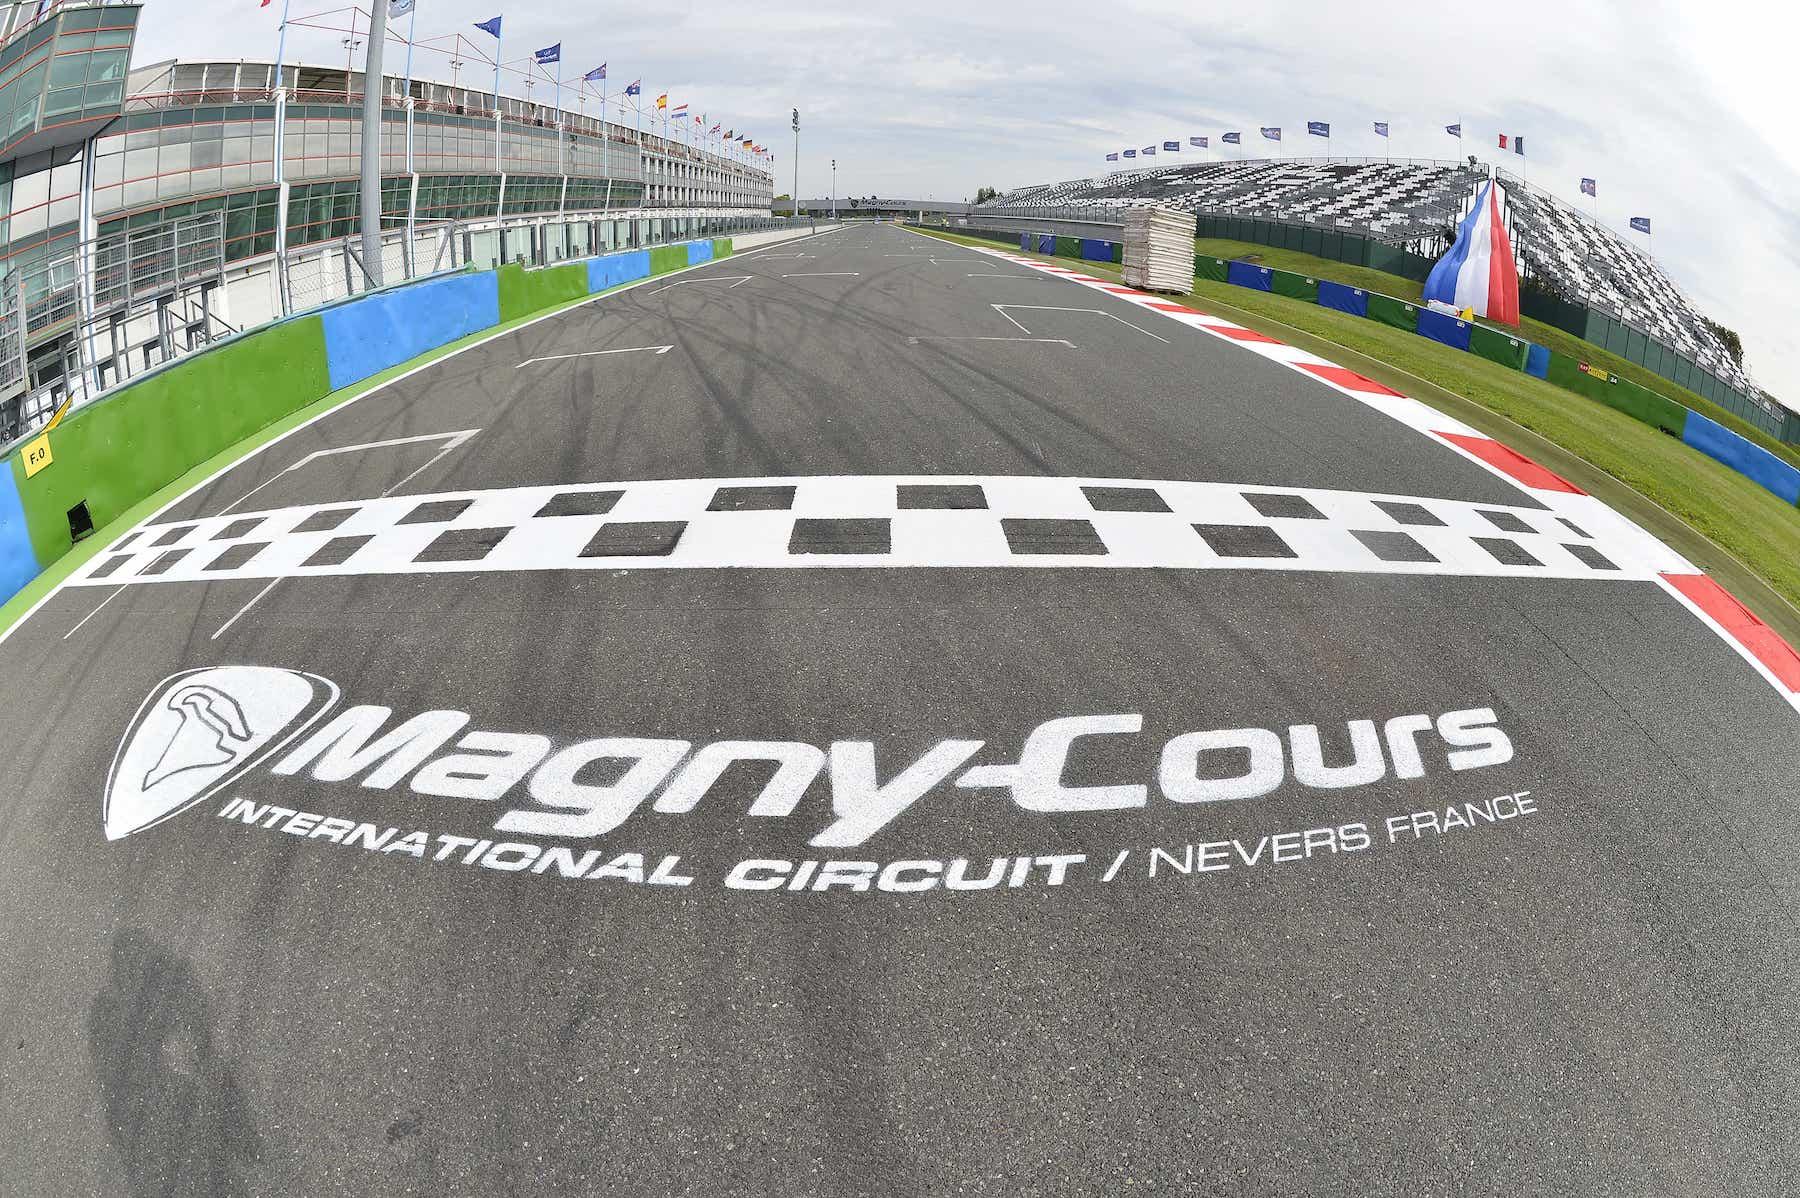 ピレリ(Pirelli)スーパーバイク世界選手権 第7戦マニクールに新型のレインタイヤを投入